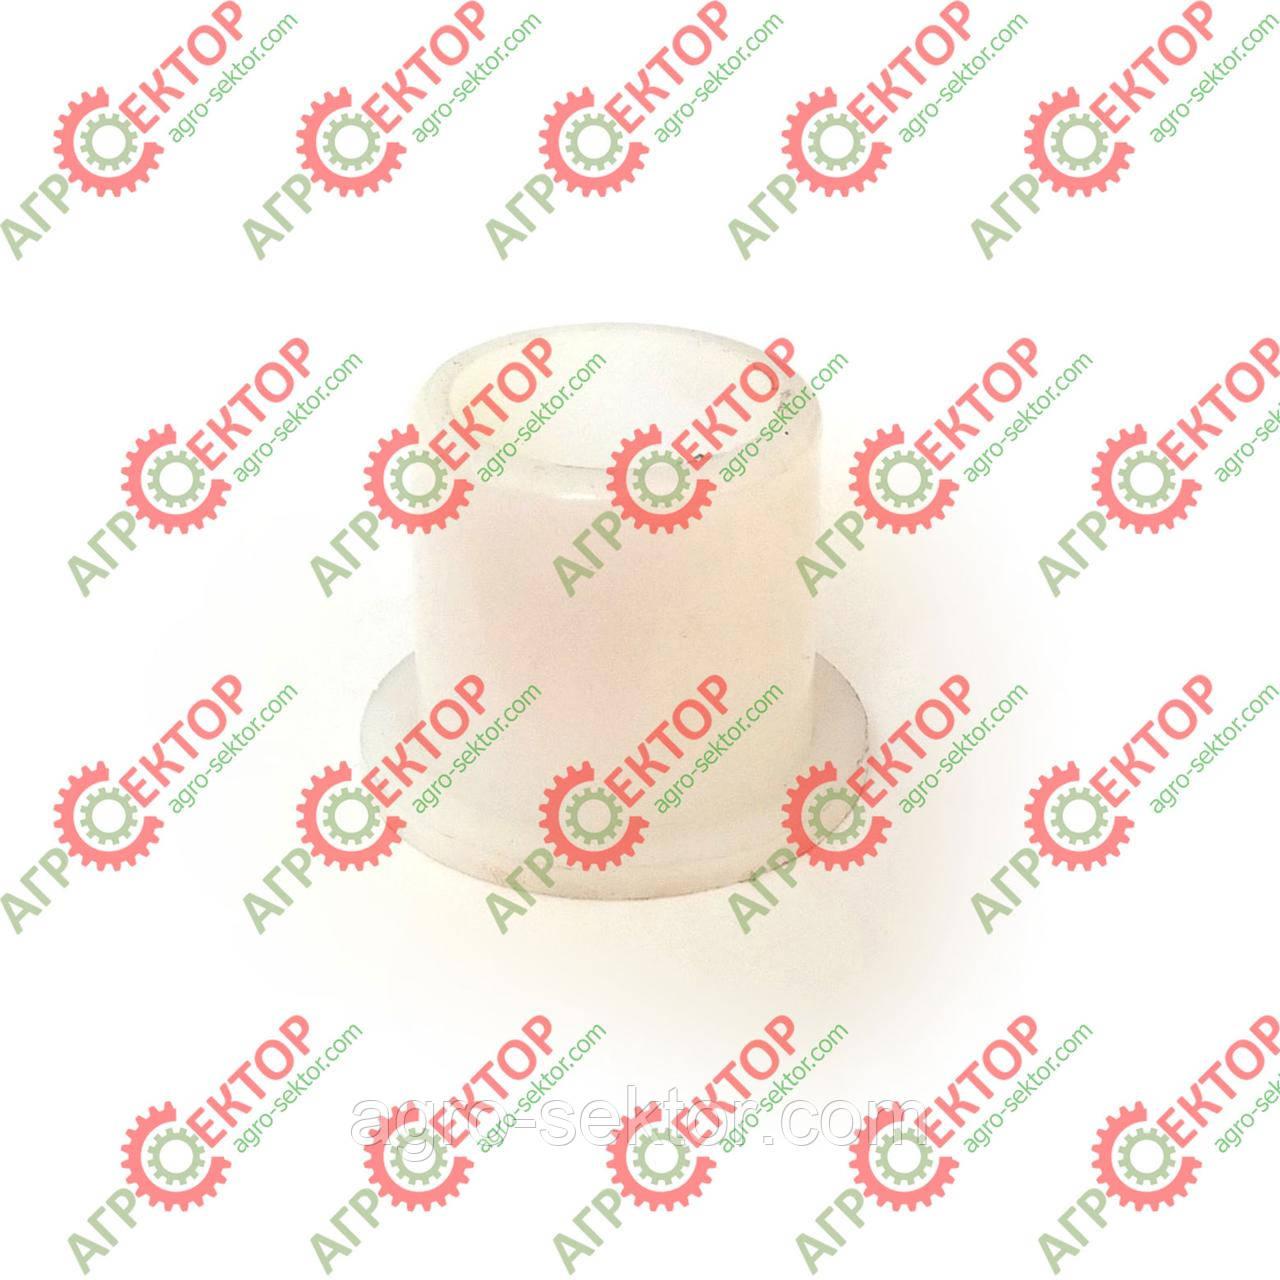 Втулка шарніру рами начіпки роторної косарки Wirax Z-069 503602038